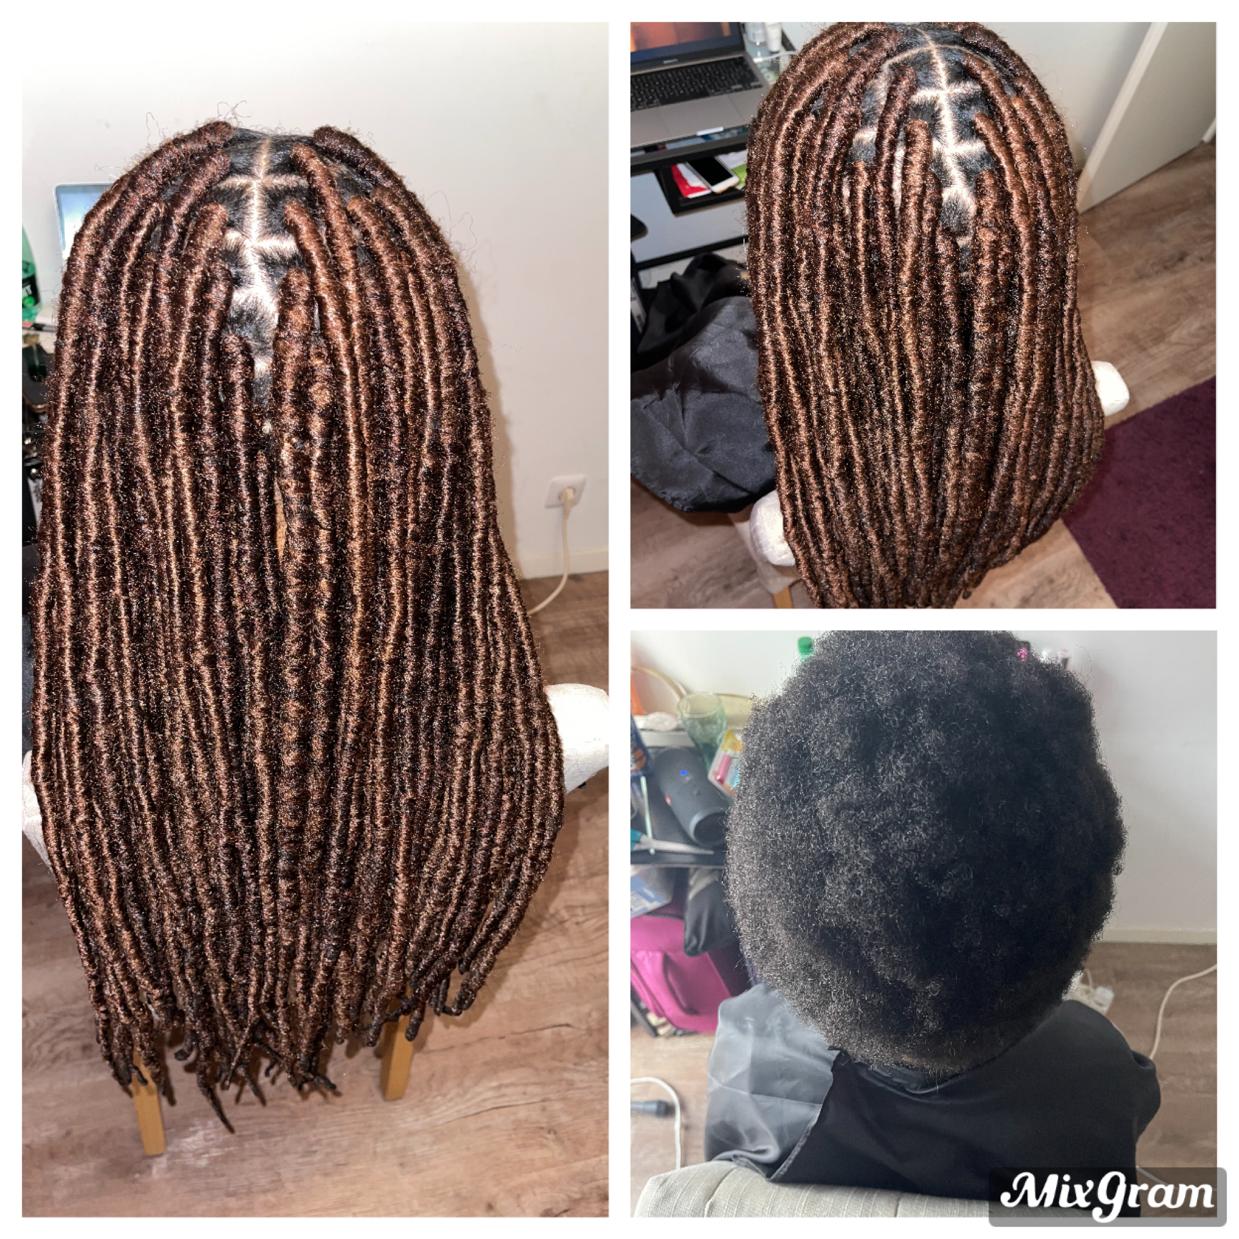 salon de coiffure afro tresse tresses box braids crochet braids vanilles tissages paris 75 77 78 91 92 93 94 95 YBWFHEVN